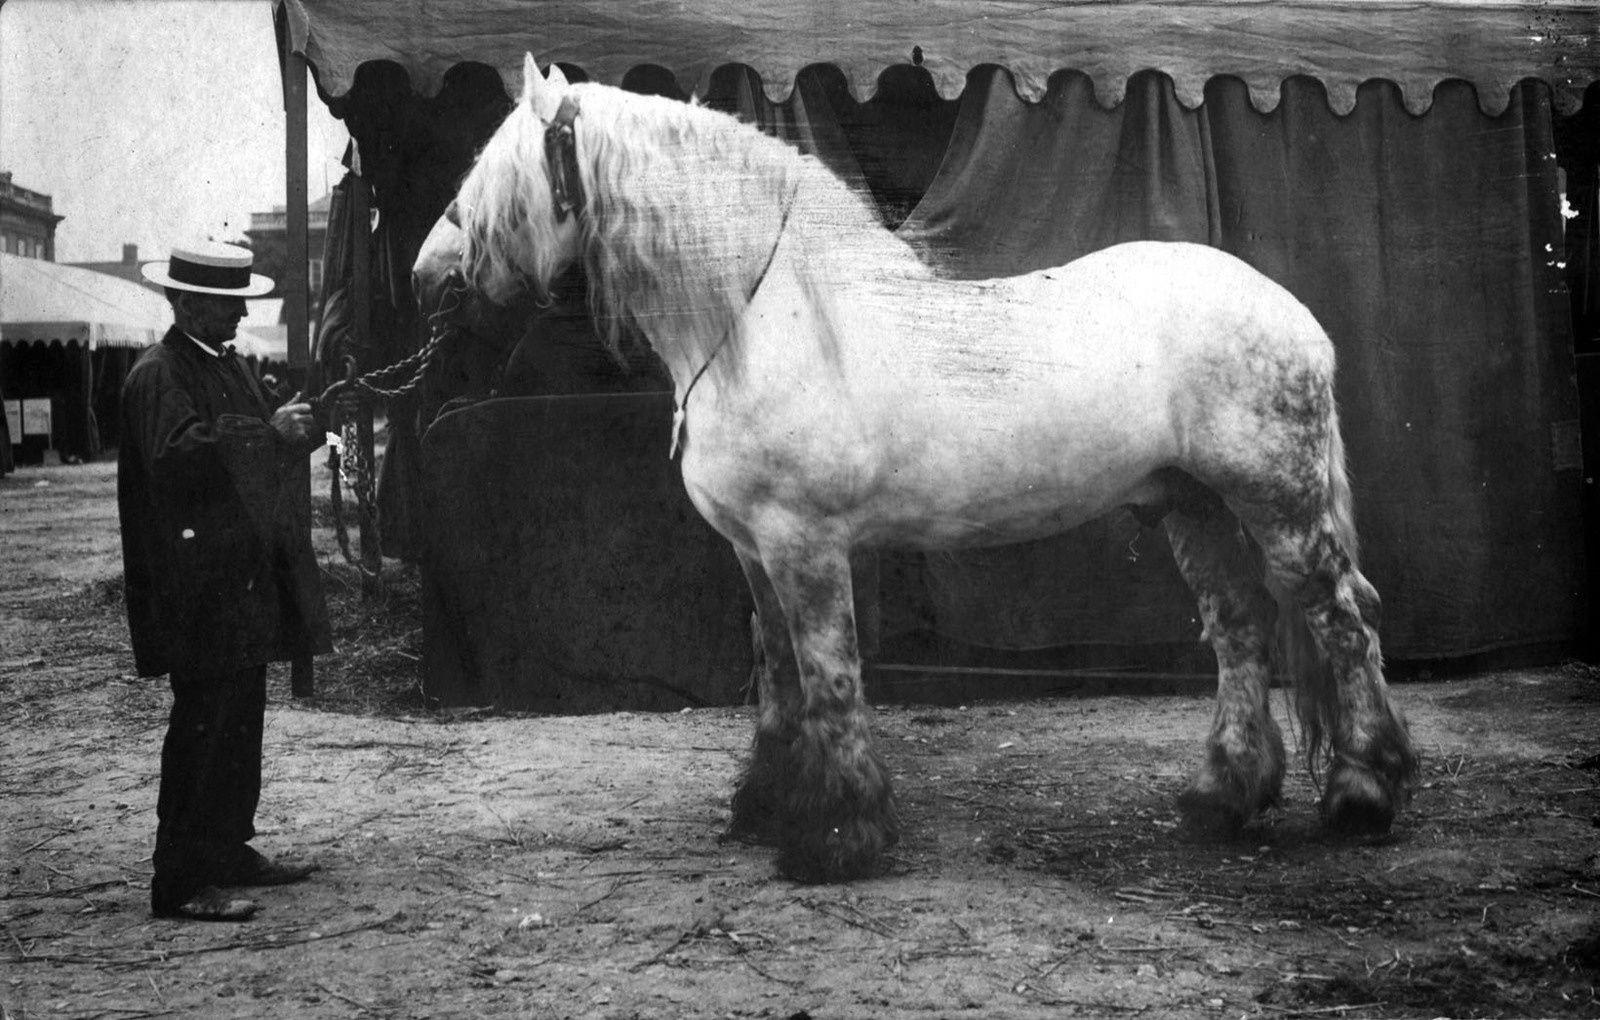 L'étalon mulassier poitevin tel qu'on le recherchait : Breton 1er né en 1898 (photographié à Paris en 1909)